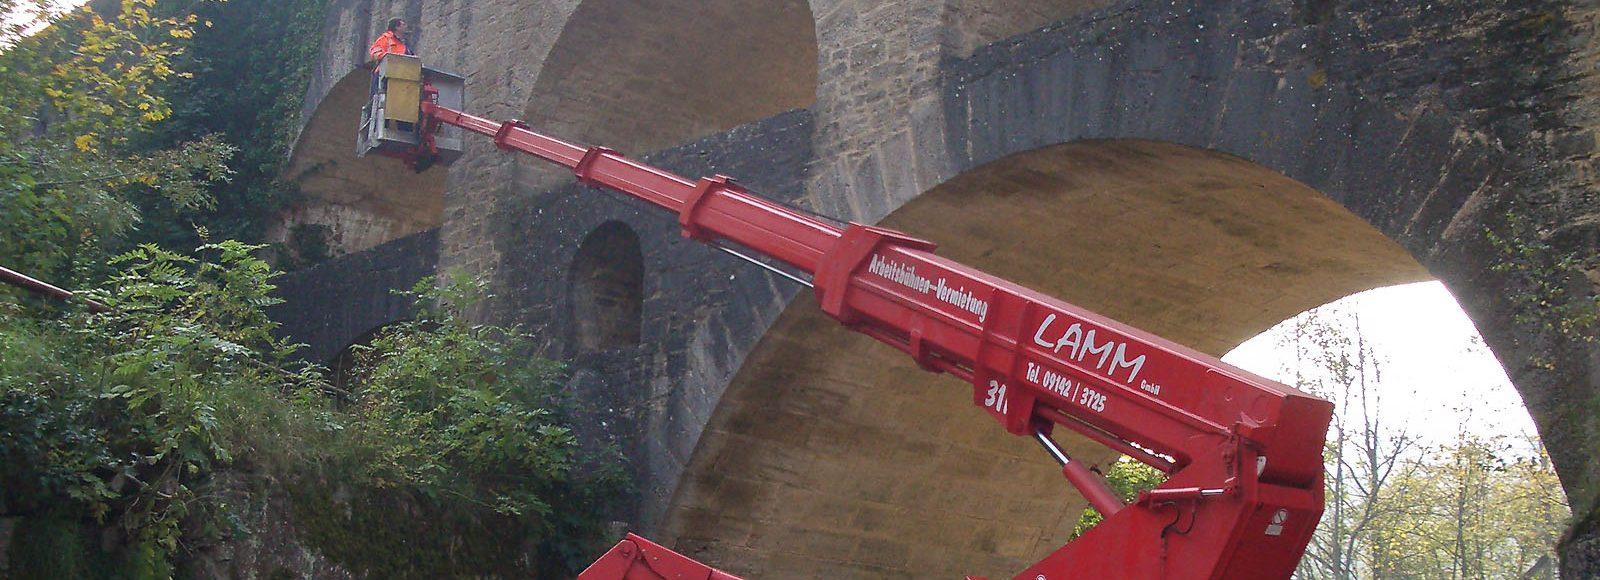 imageslider04-arbeitsbuehne-eisenbahn